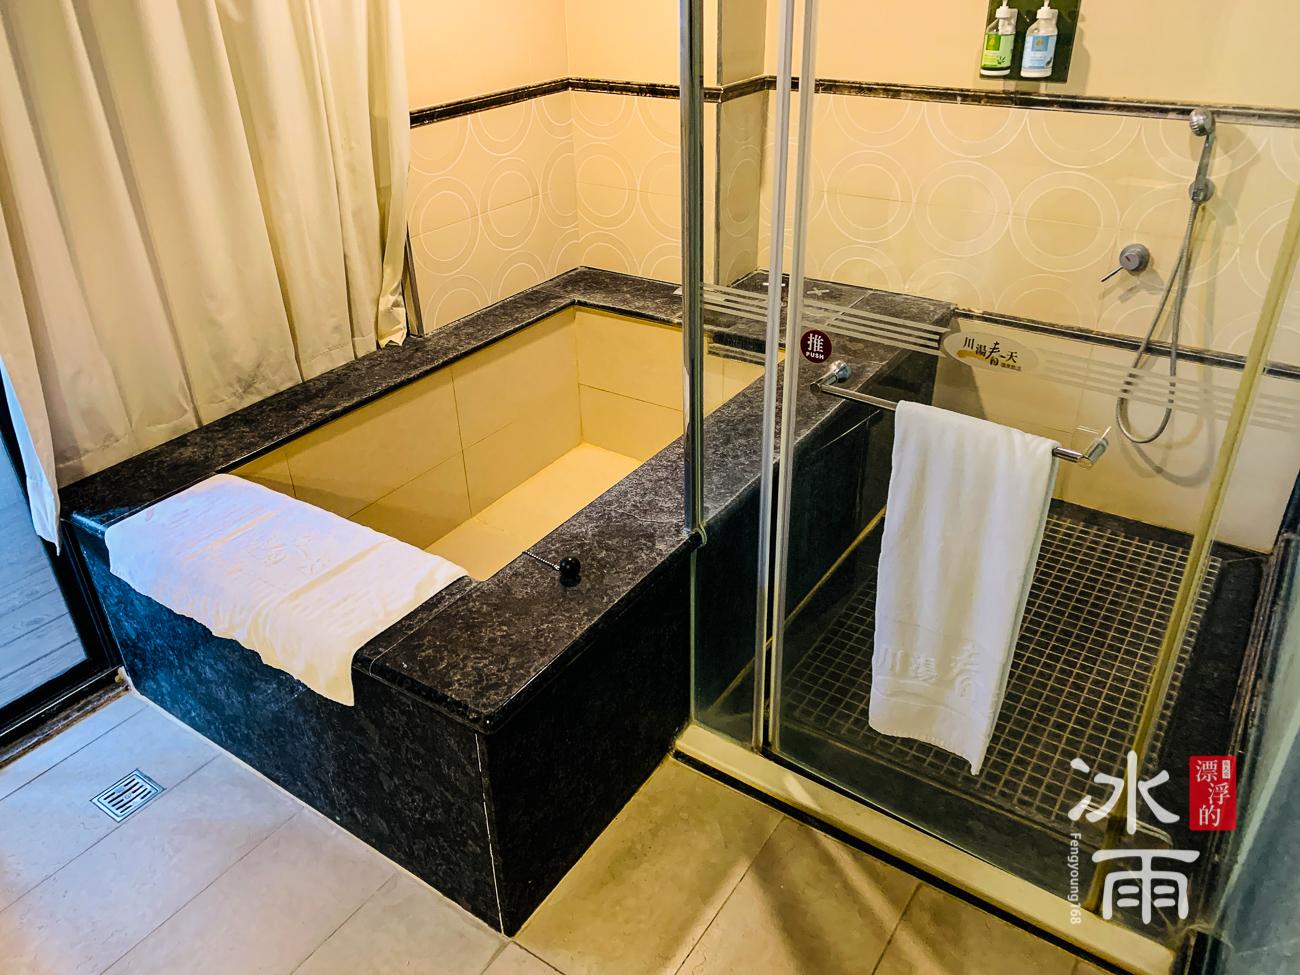 川湯春天溫泉飯店德陽館|泡湯浴池